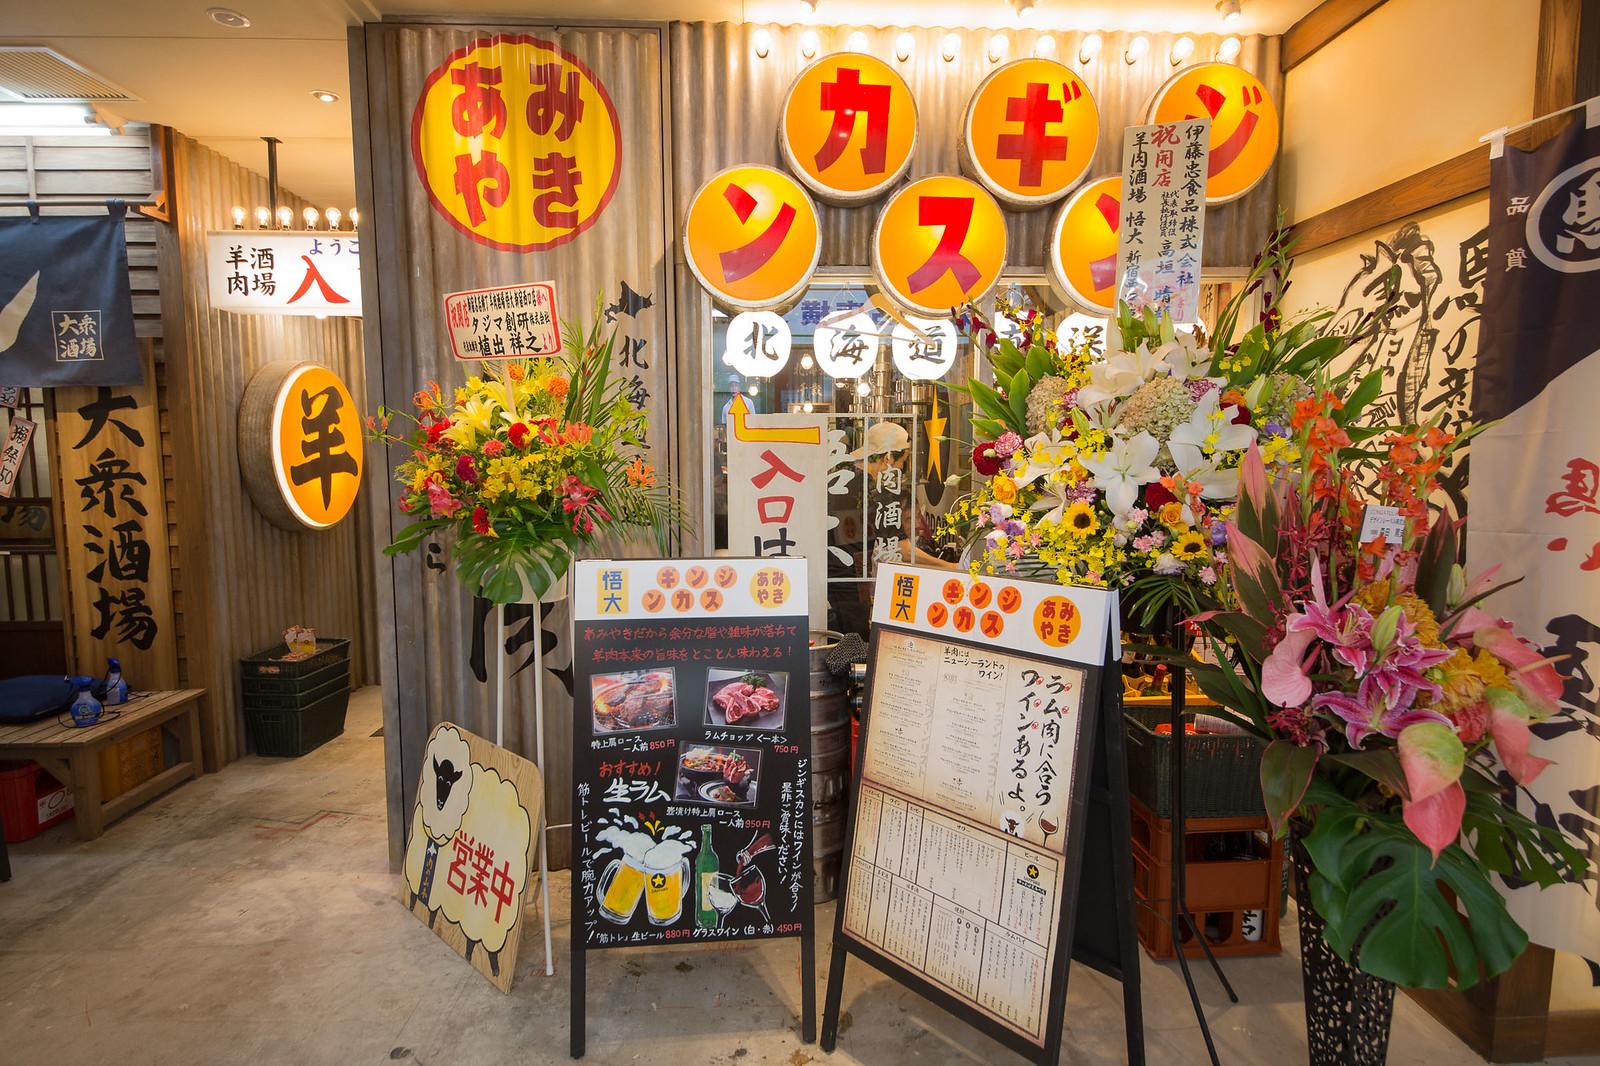 Shinjuku_meiten_yokocho-7